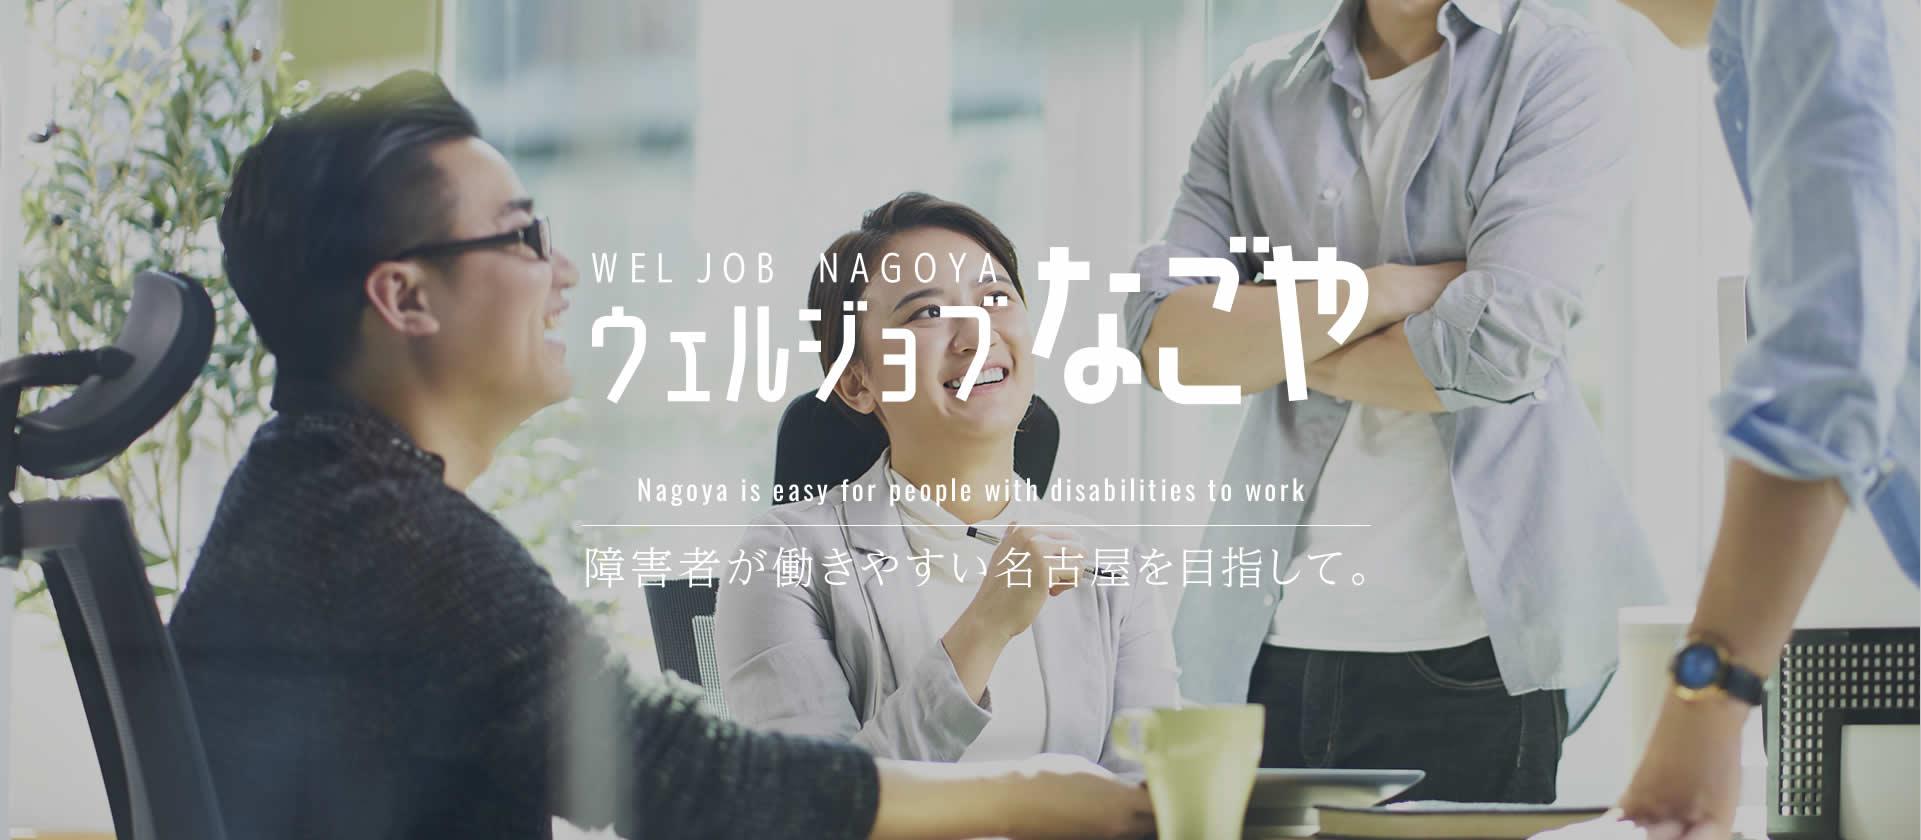 名古屋市障害者就労支援窓口「ウェルジョブなごや」